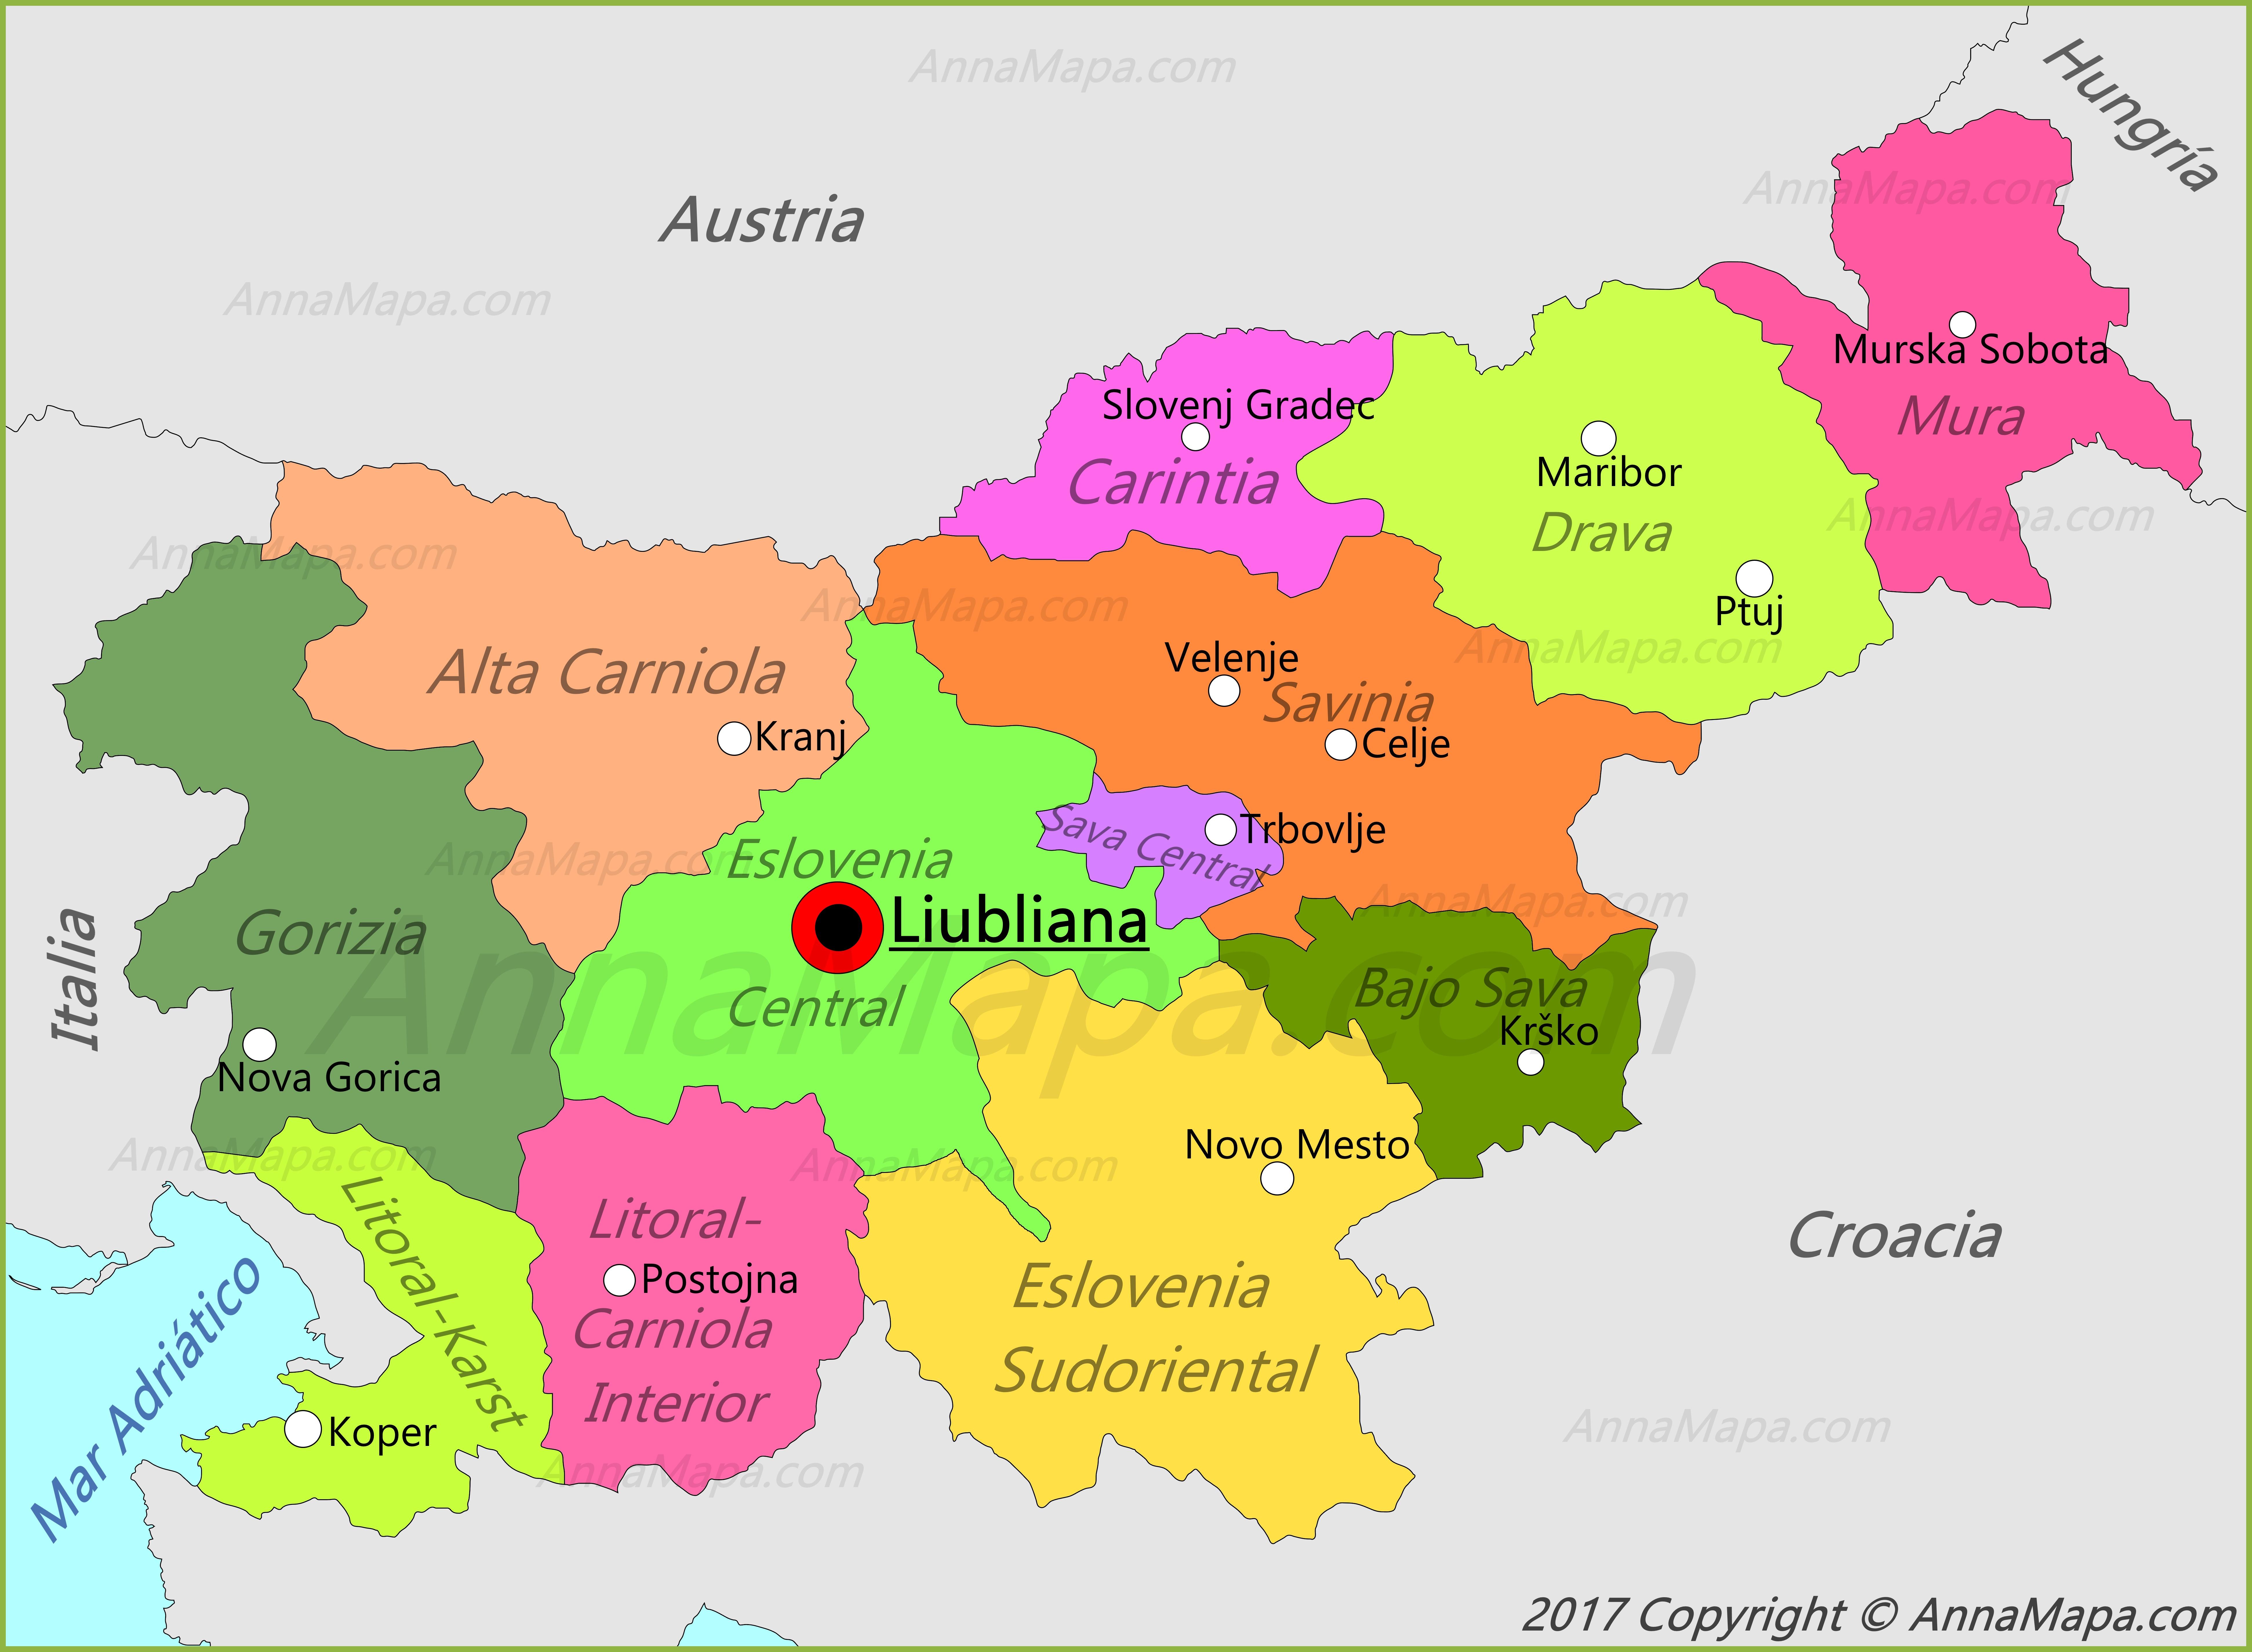 eslovenia mapa Mapa de Eslovenia   AnnaMapa.com eslovenia mapa